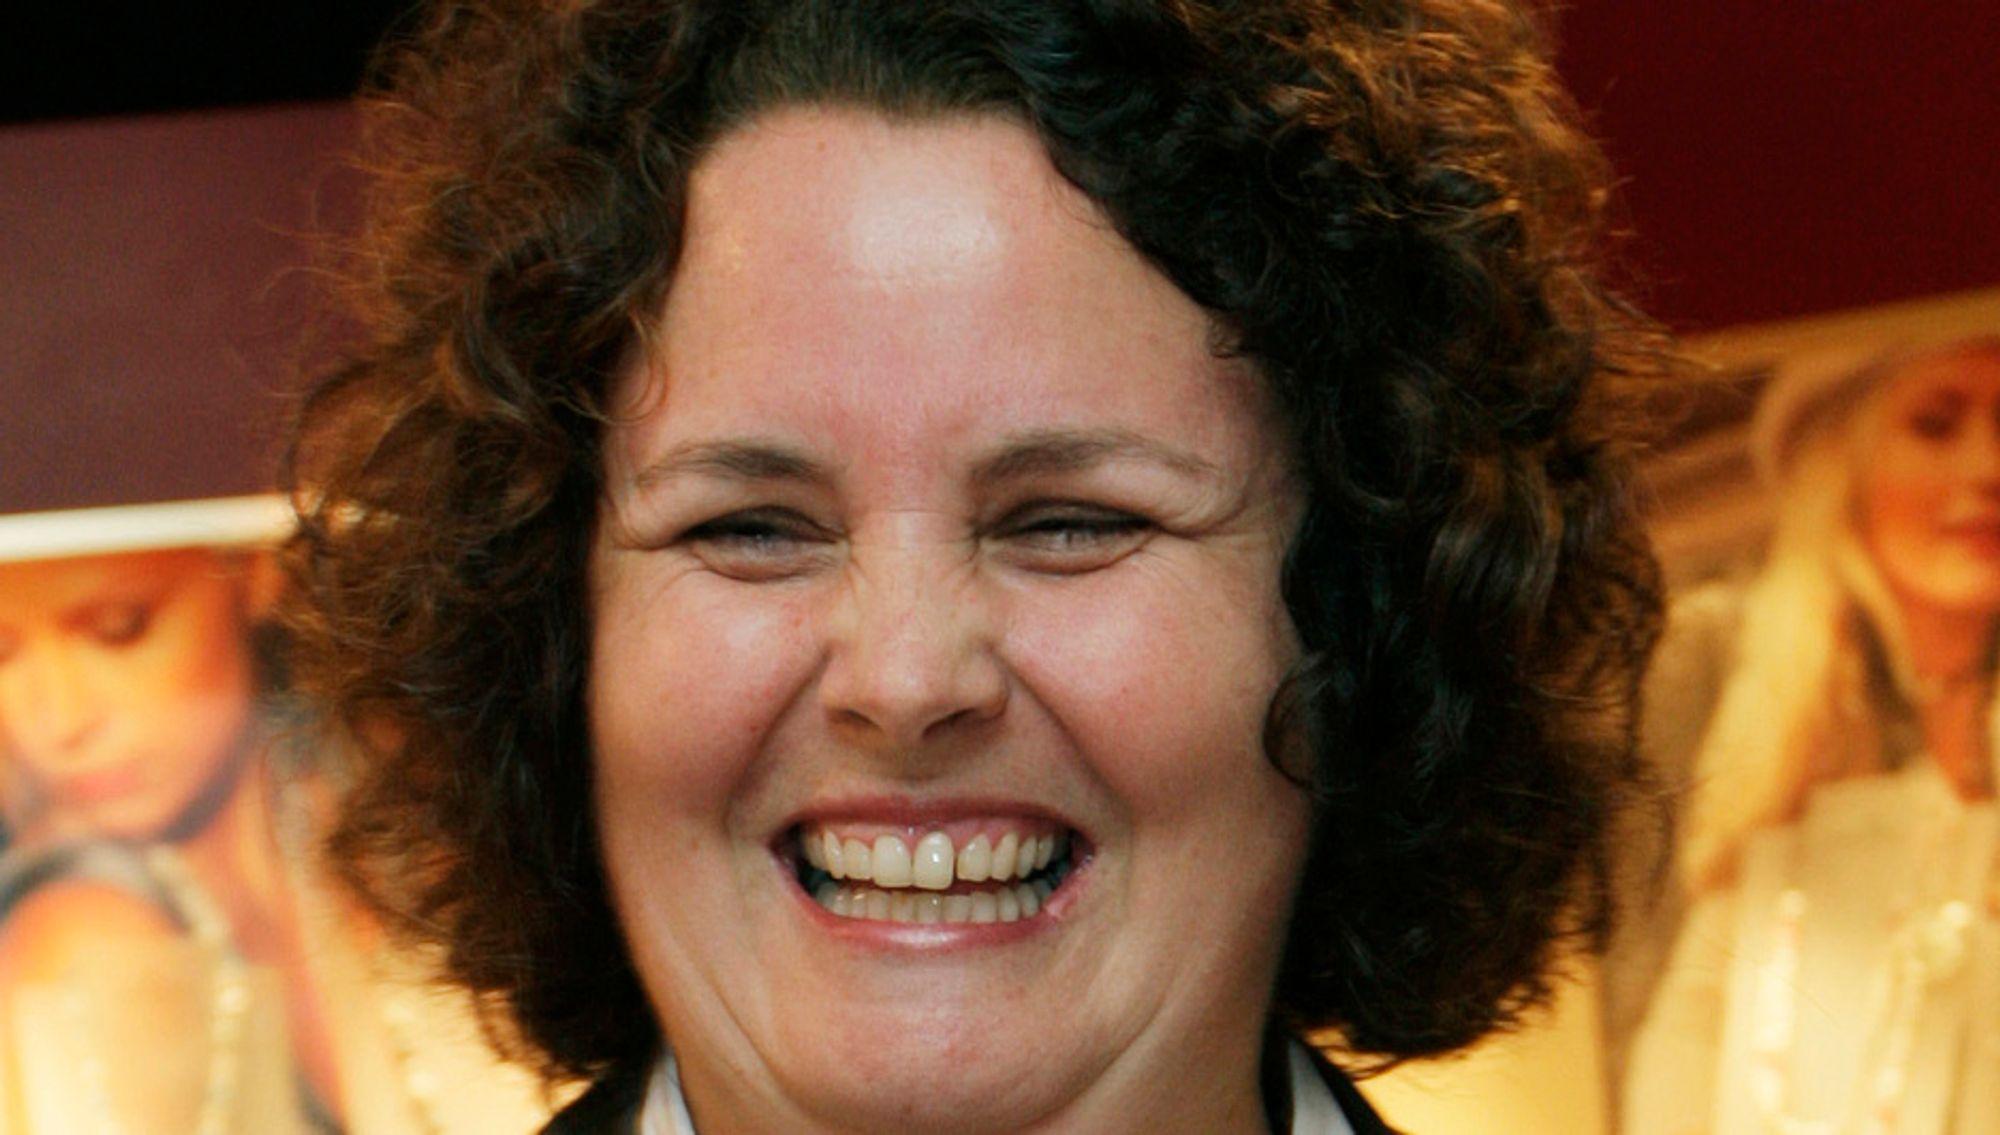 Nærings- og handelsminister Sylvia Brustad vil være med på finansieringslaget til Telenors investeringer i India.